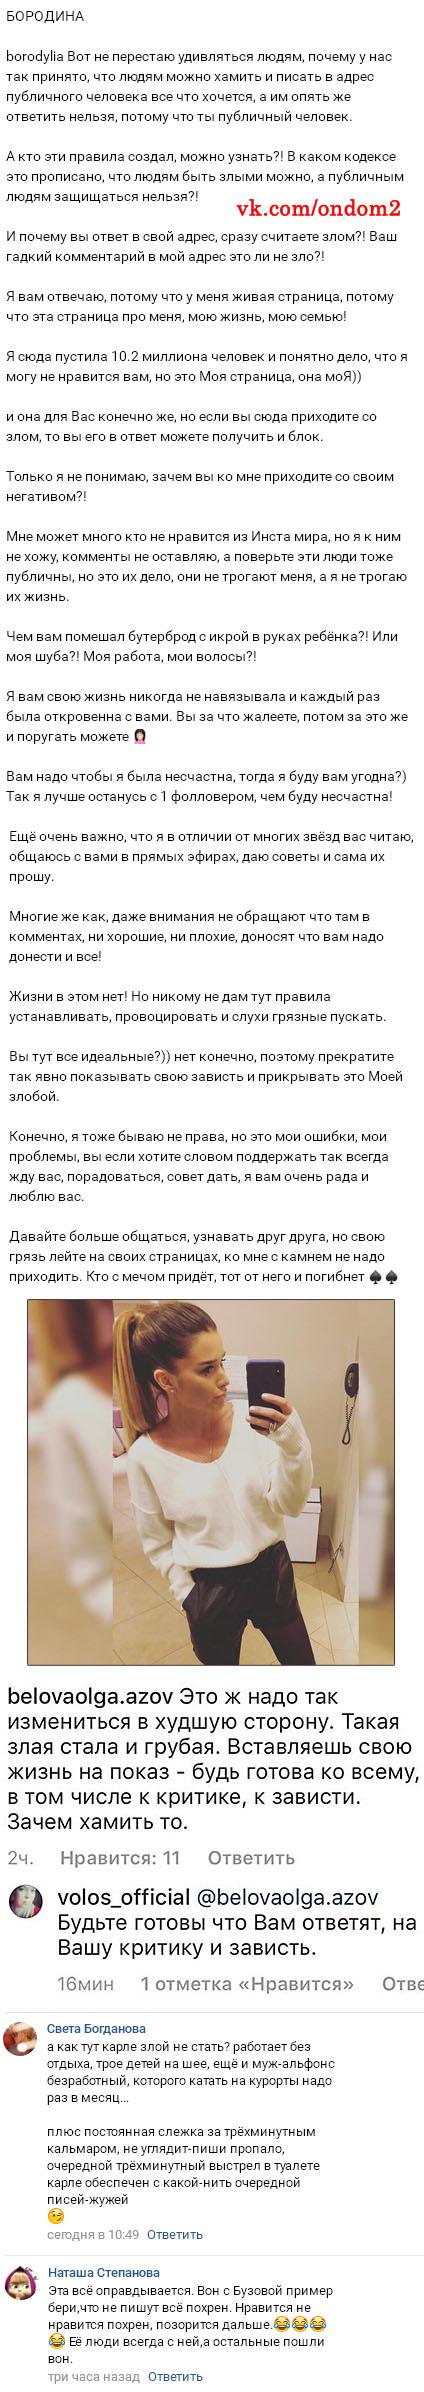 Пост Ксении Бородиной вконтакте